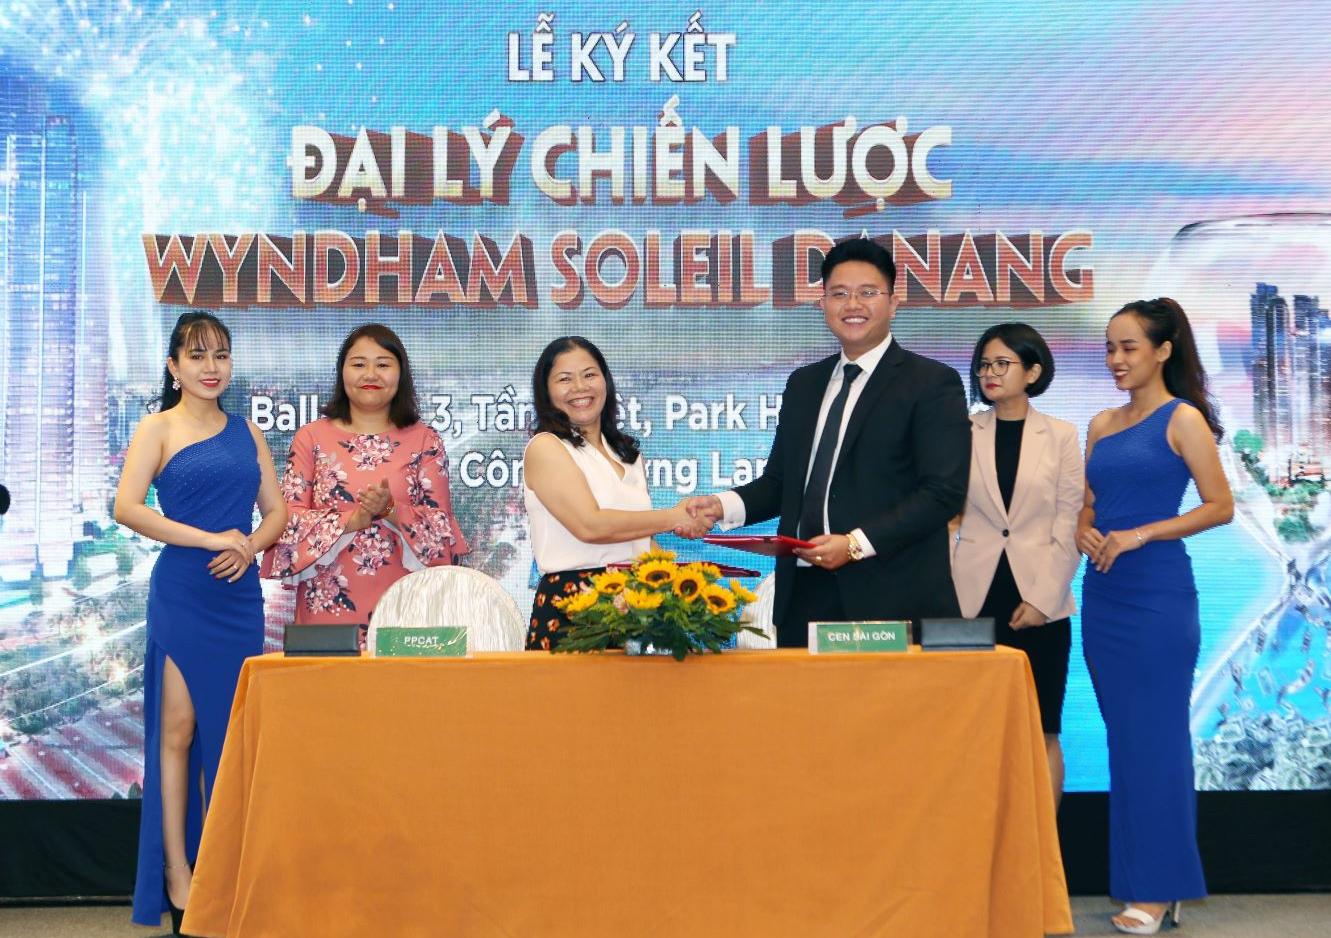 PPC An Thịnh ký kết với các đại lý để phát triển dự án Wyndham Soleil Danang